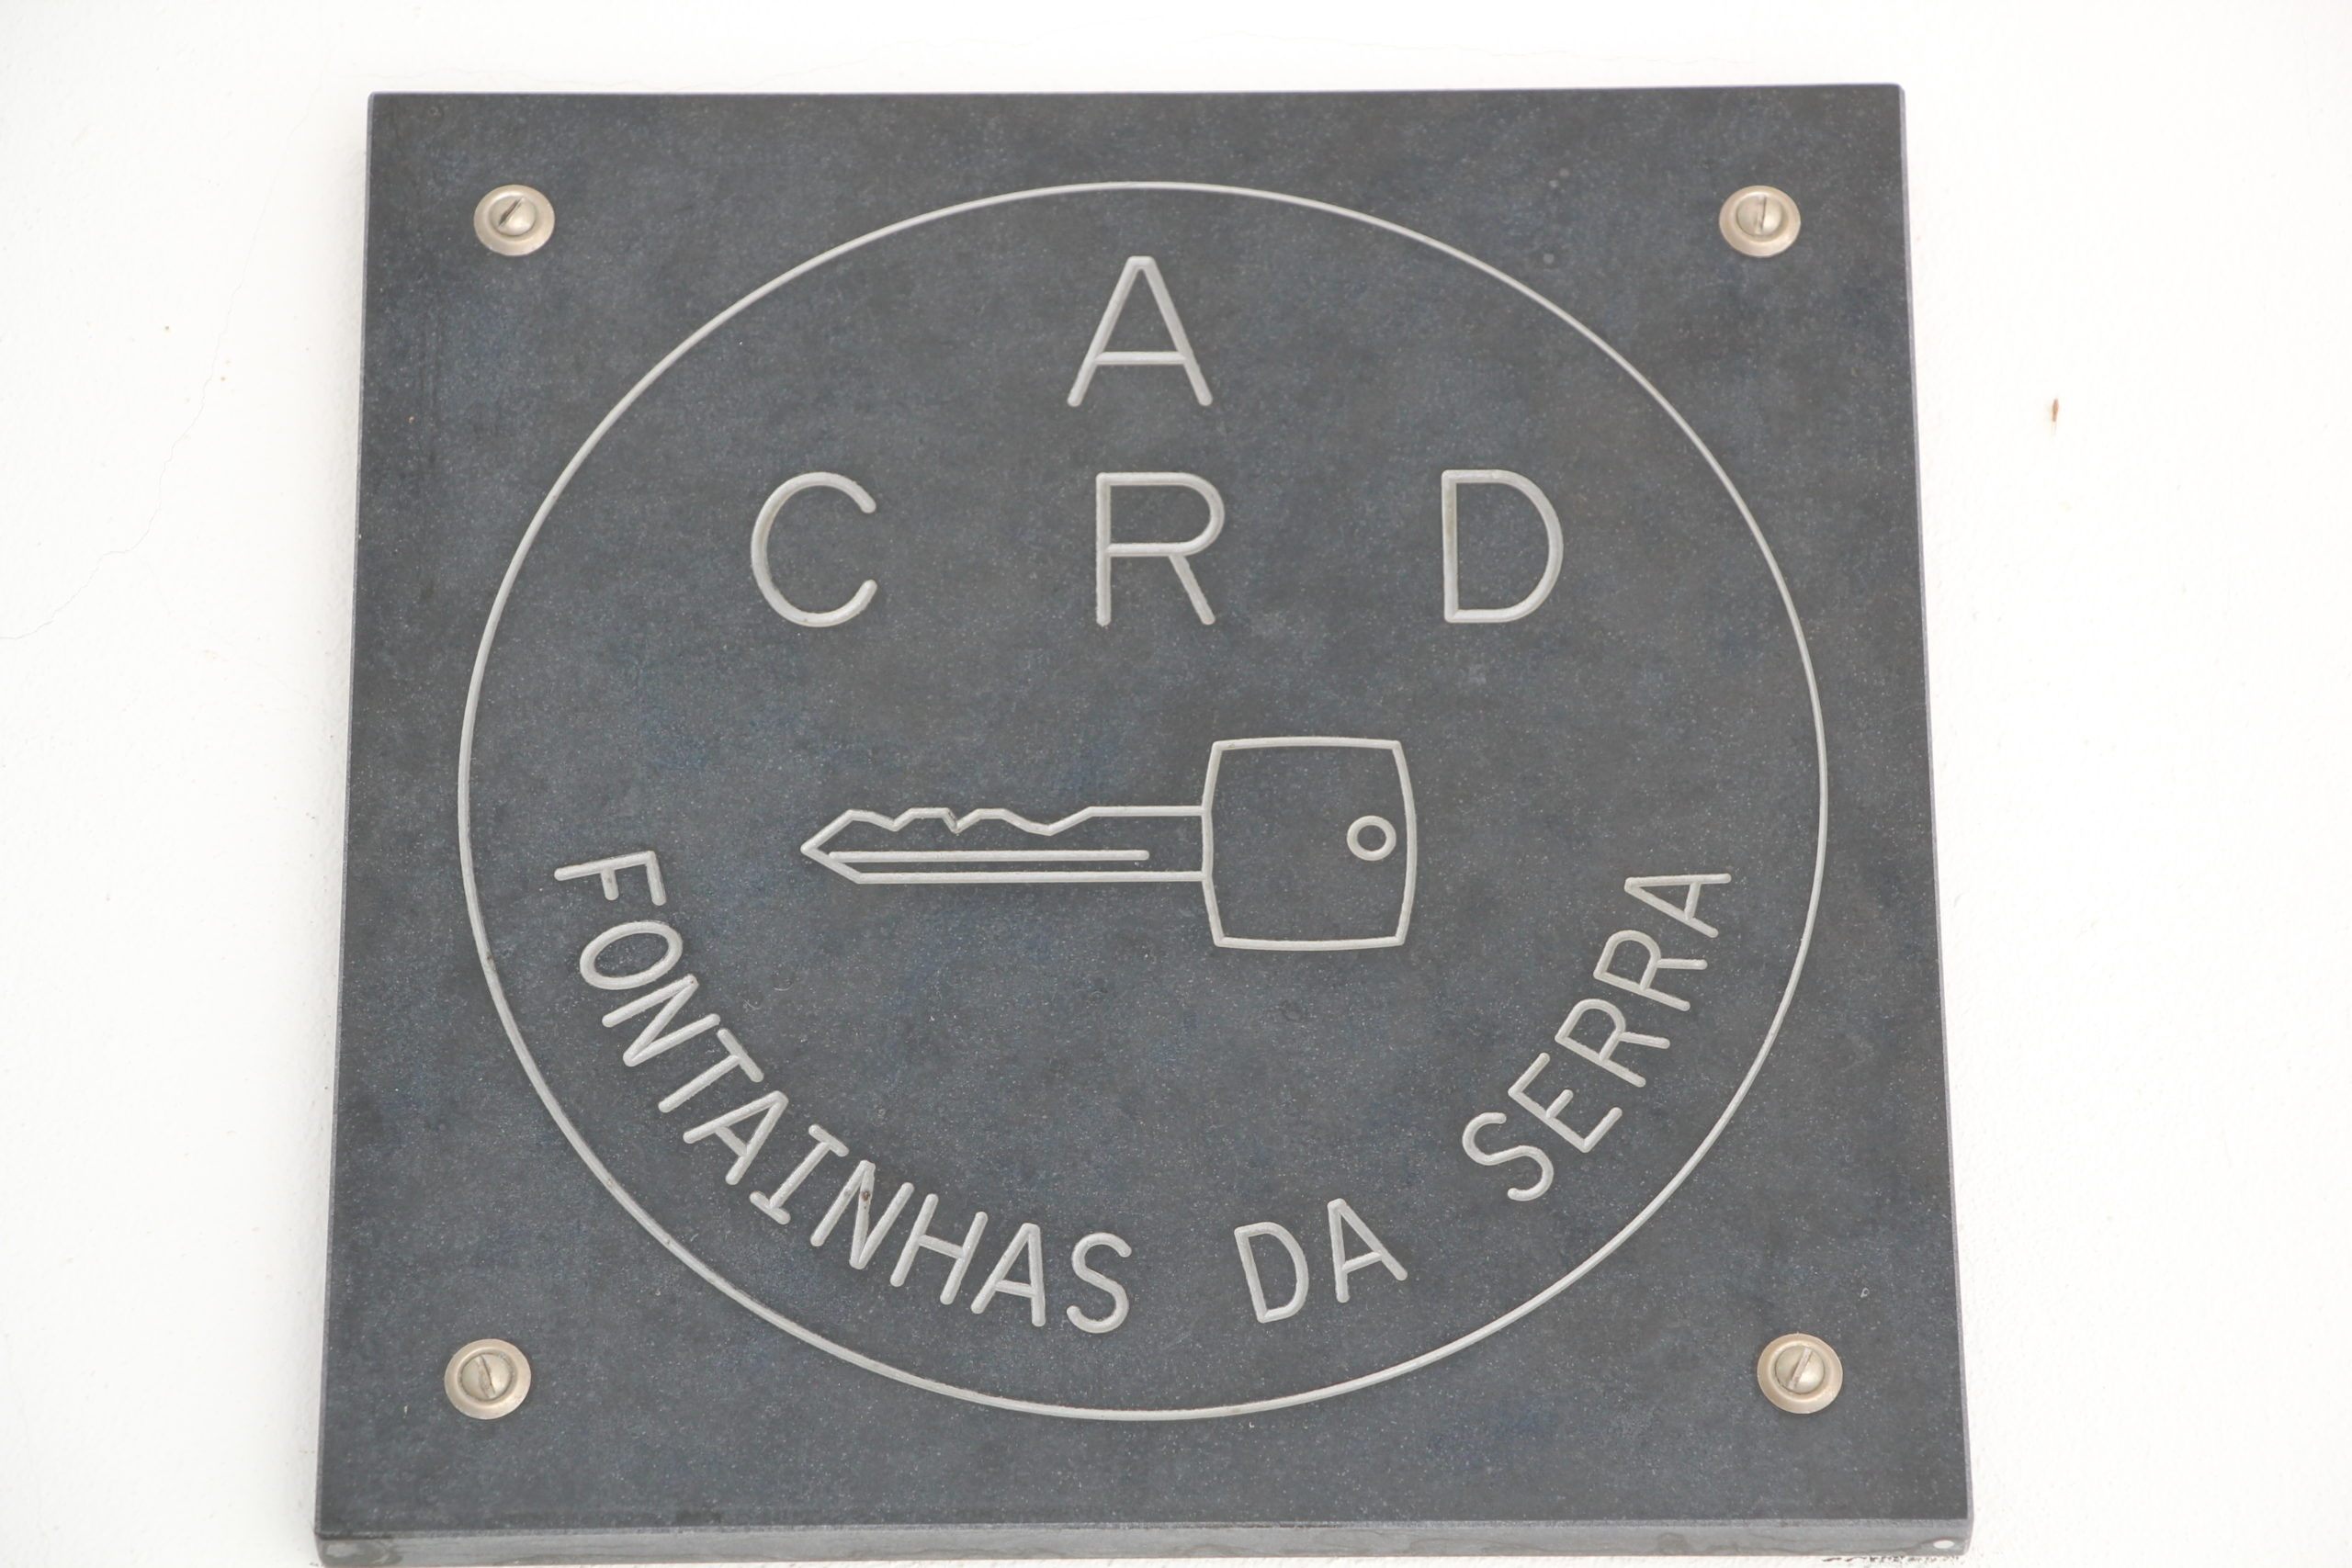 23/02_Brigada na ACRD de Fontainhas da Serra